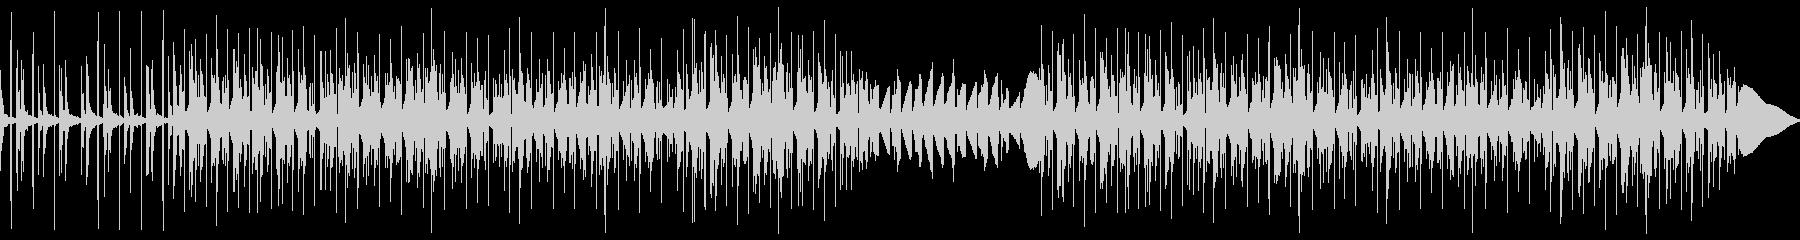 チルアウト幻想的なトラップビートBGMの未再生の波形